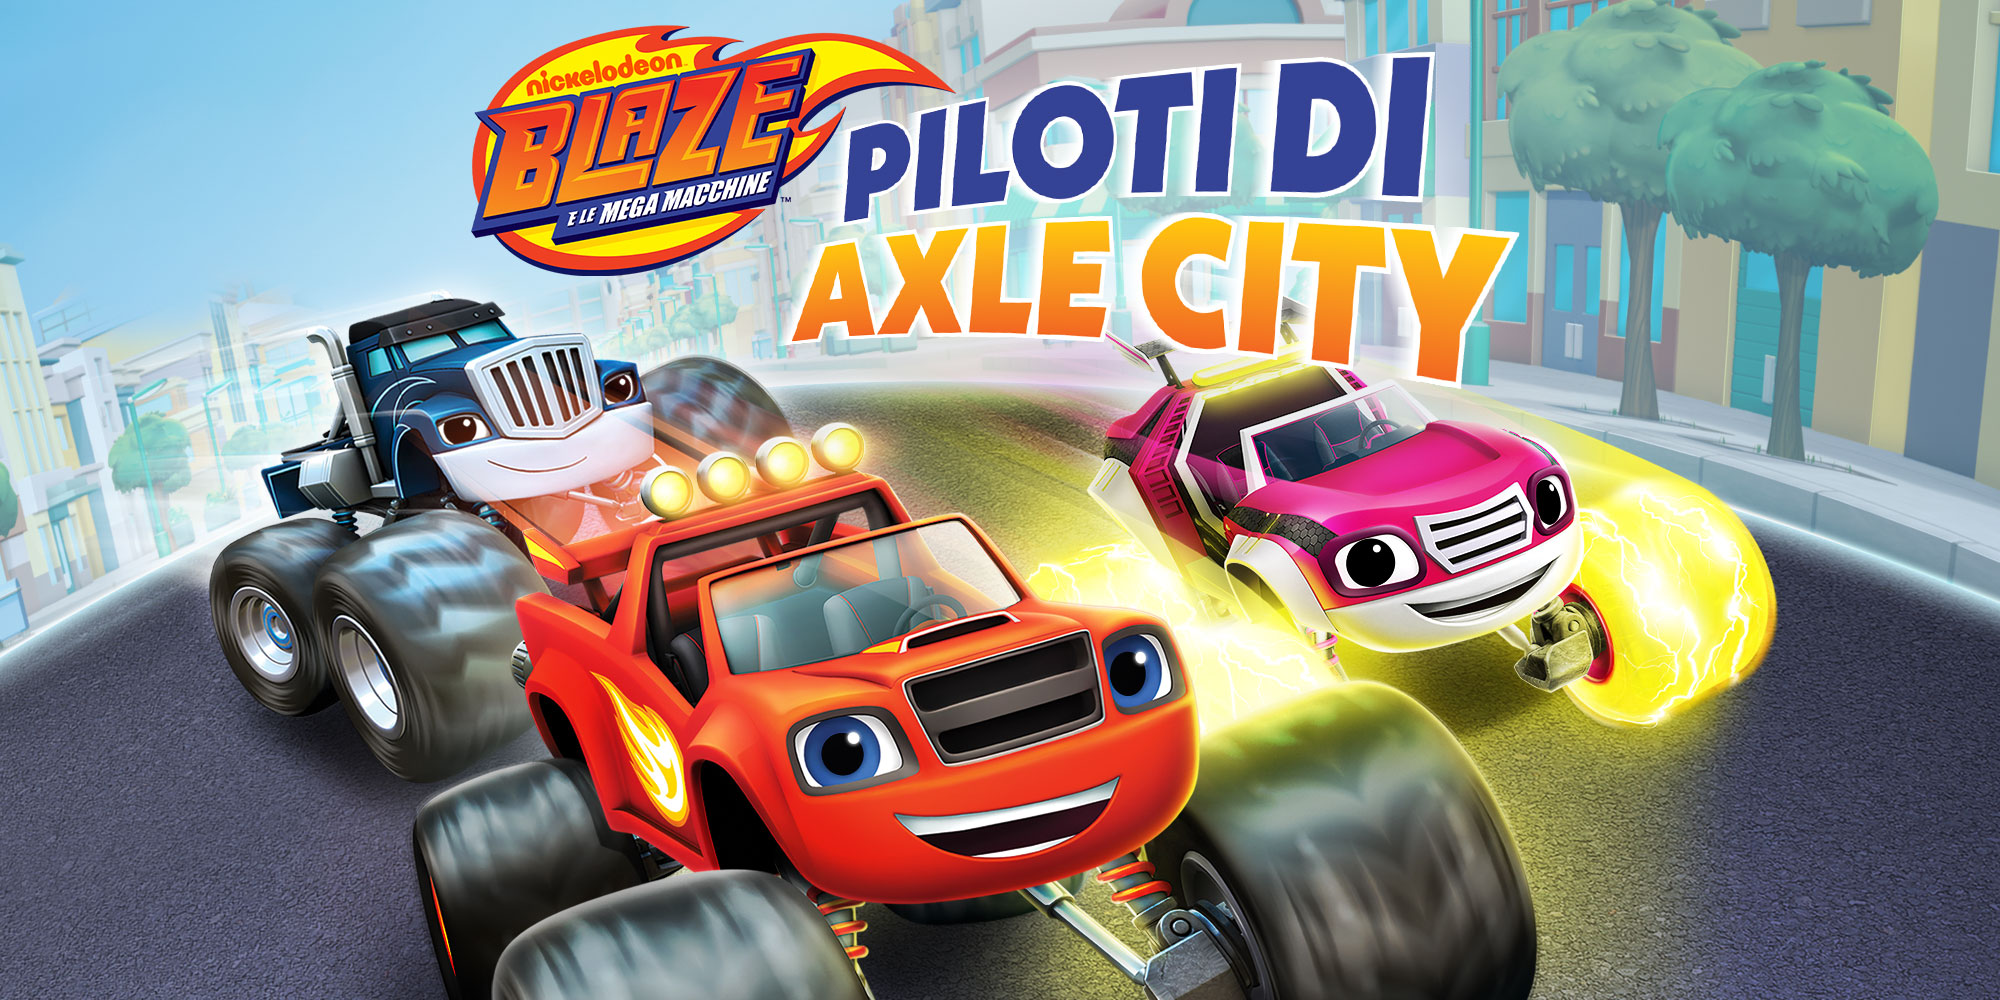 Blaze e le mega macchine: Piloti di Axle City disponibile su Console, Stadia e PC